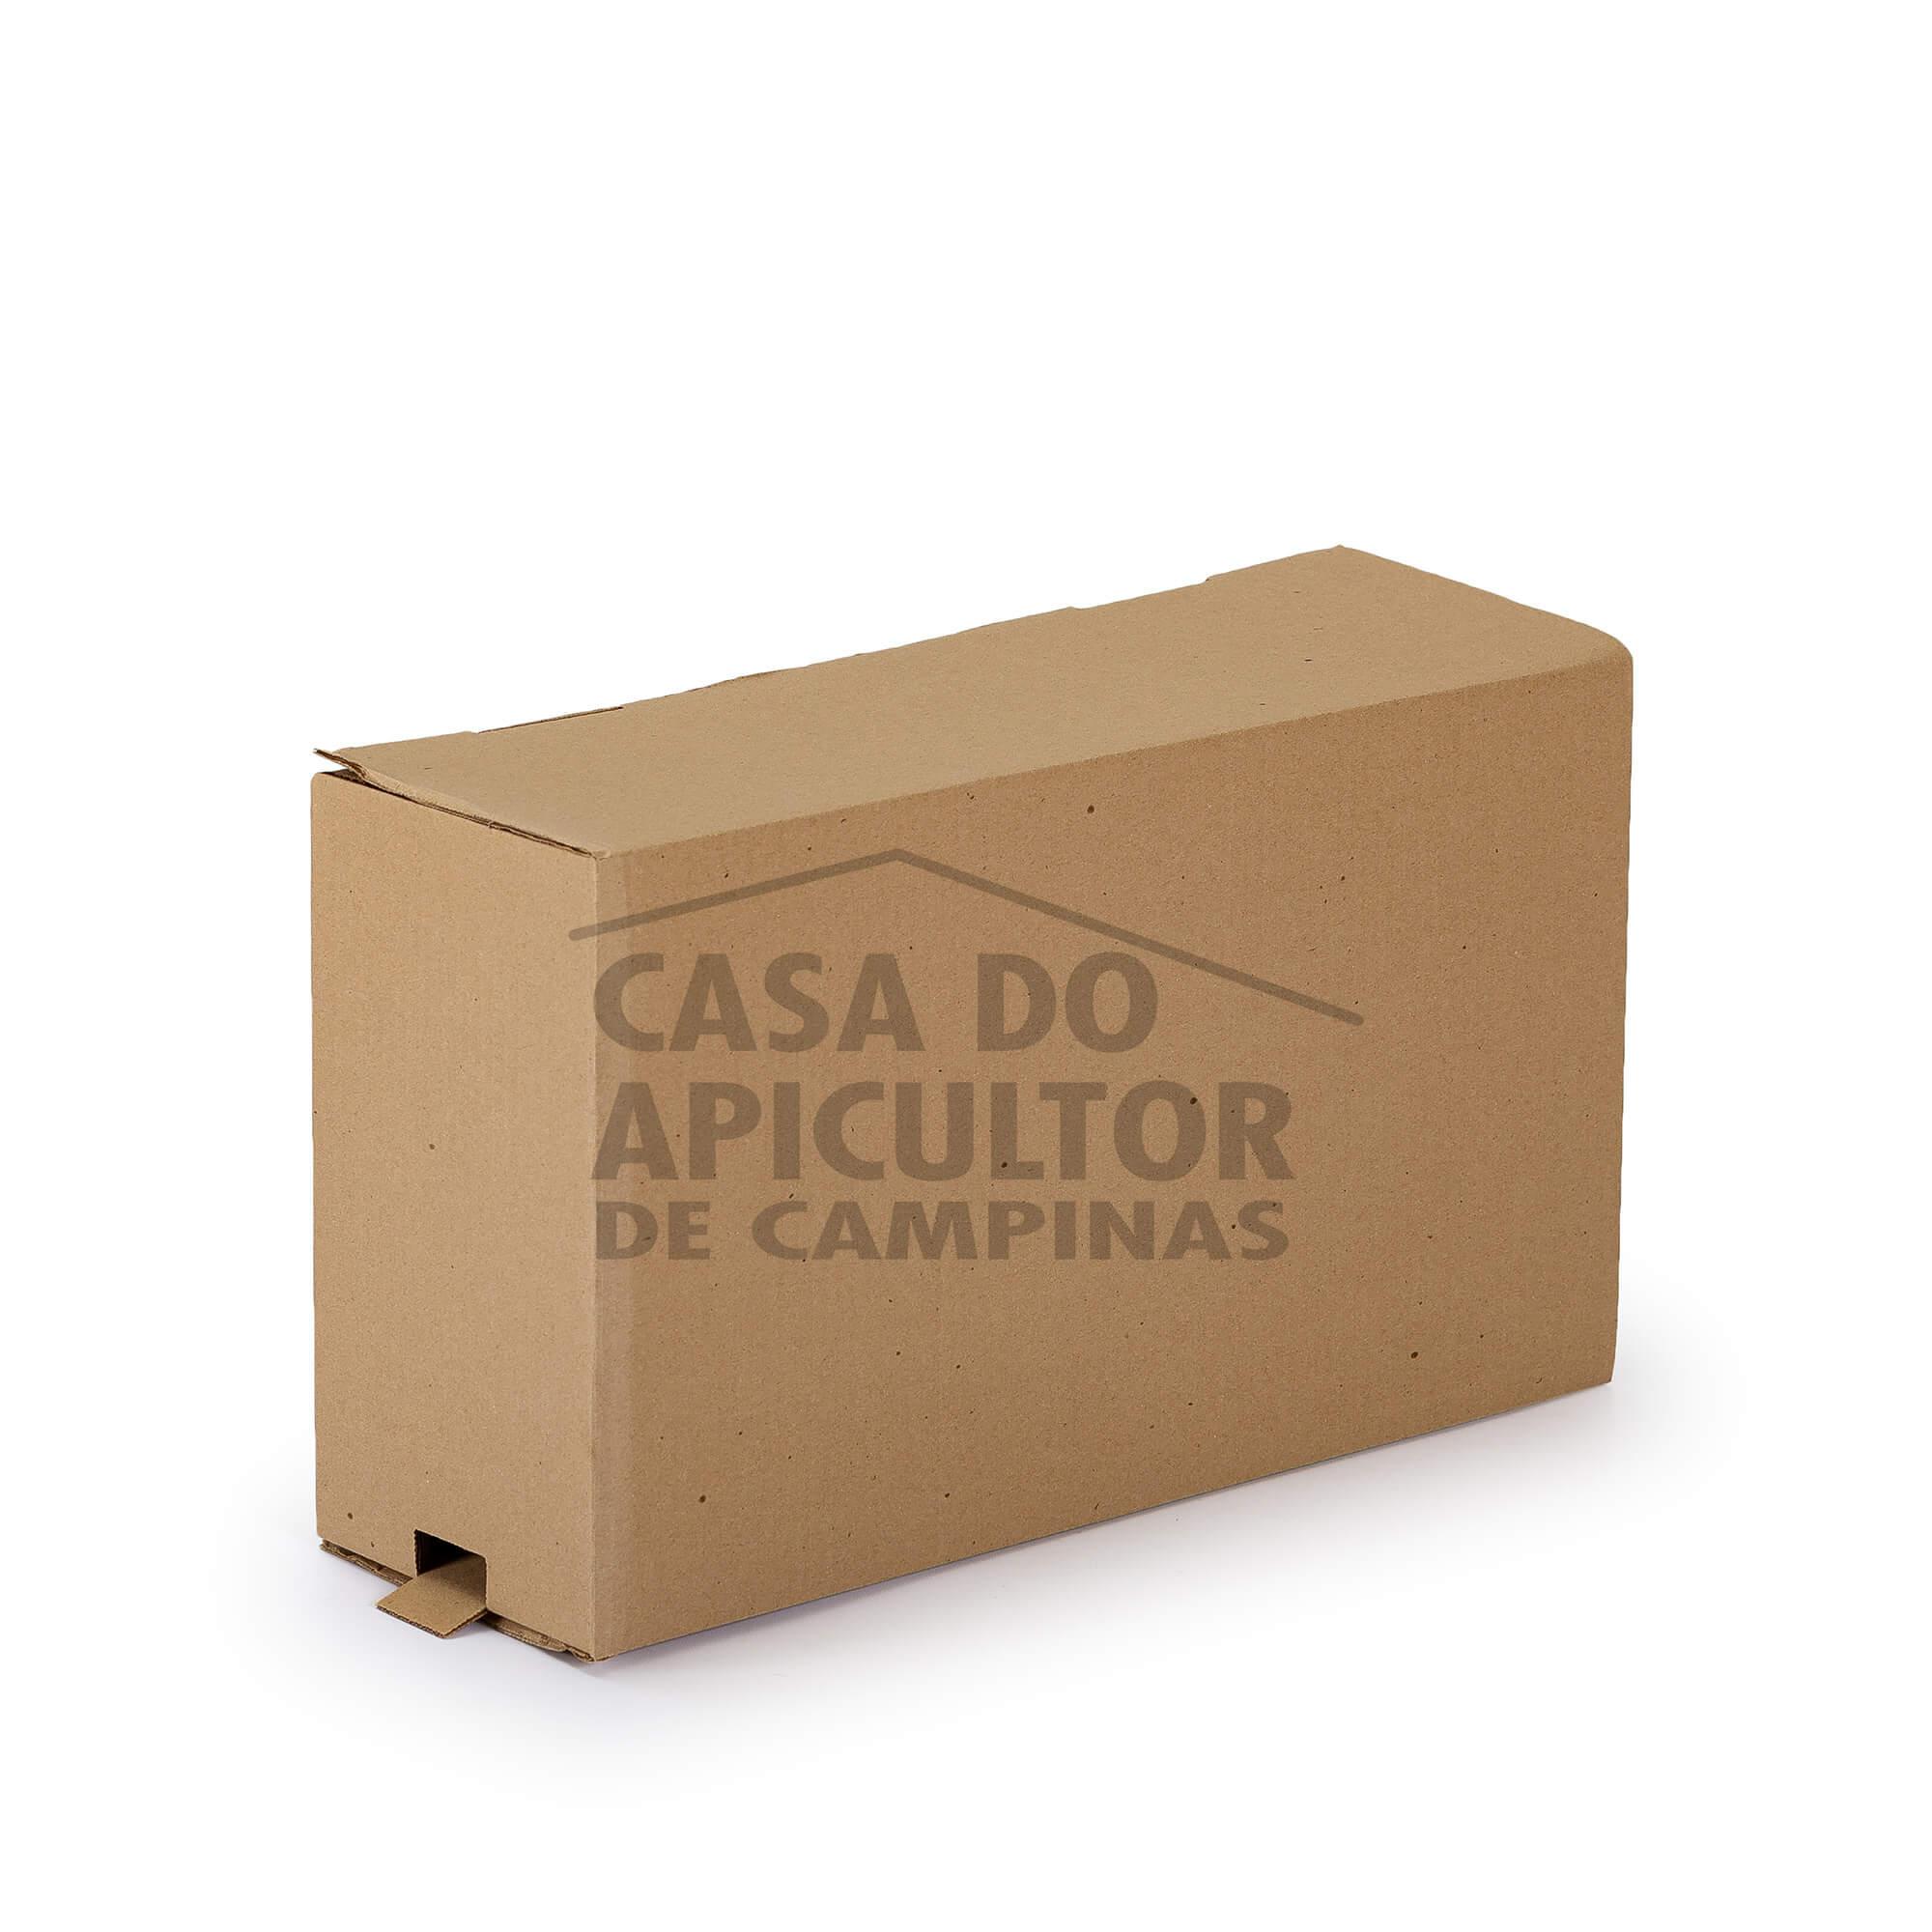 Caixa isca para abelhas em papelão